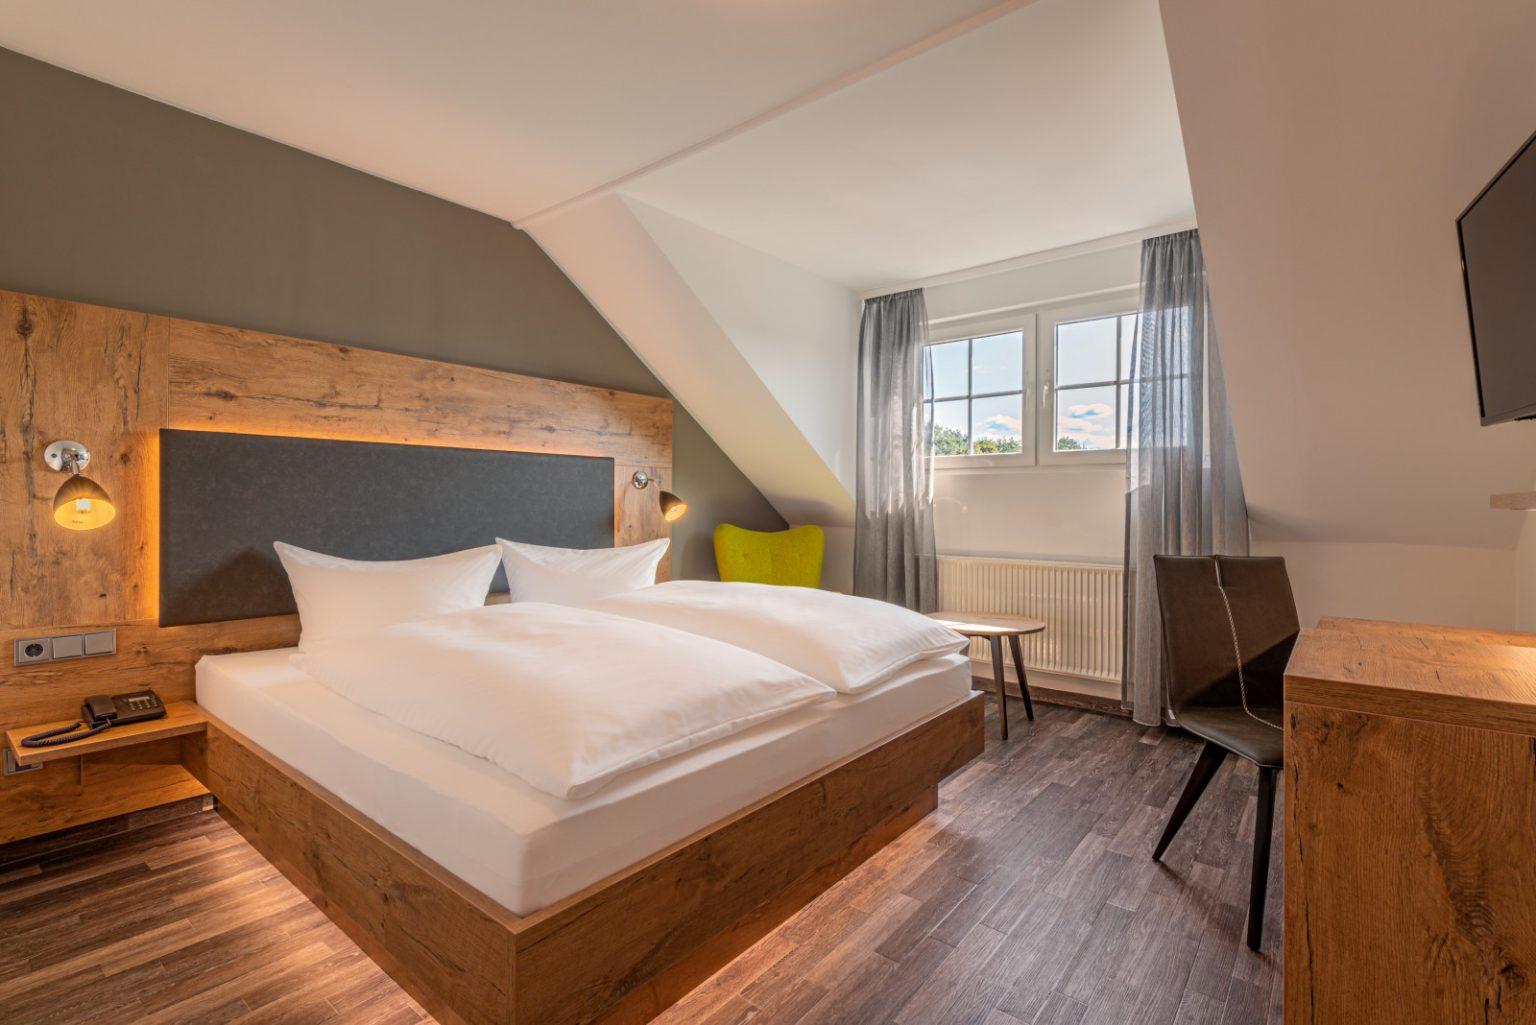 Hotel Pfeffermühle Siegen